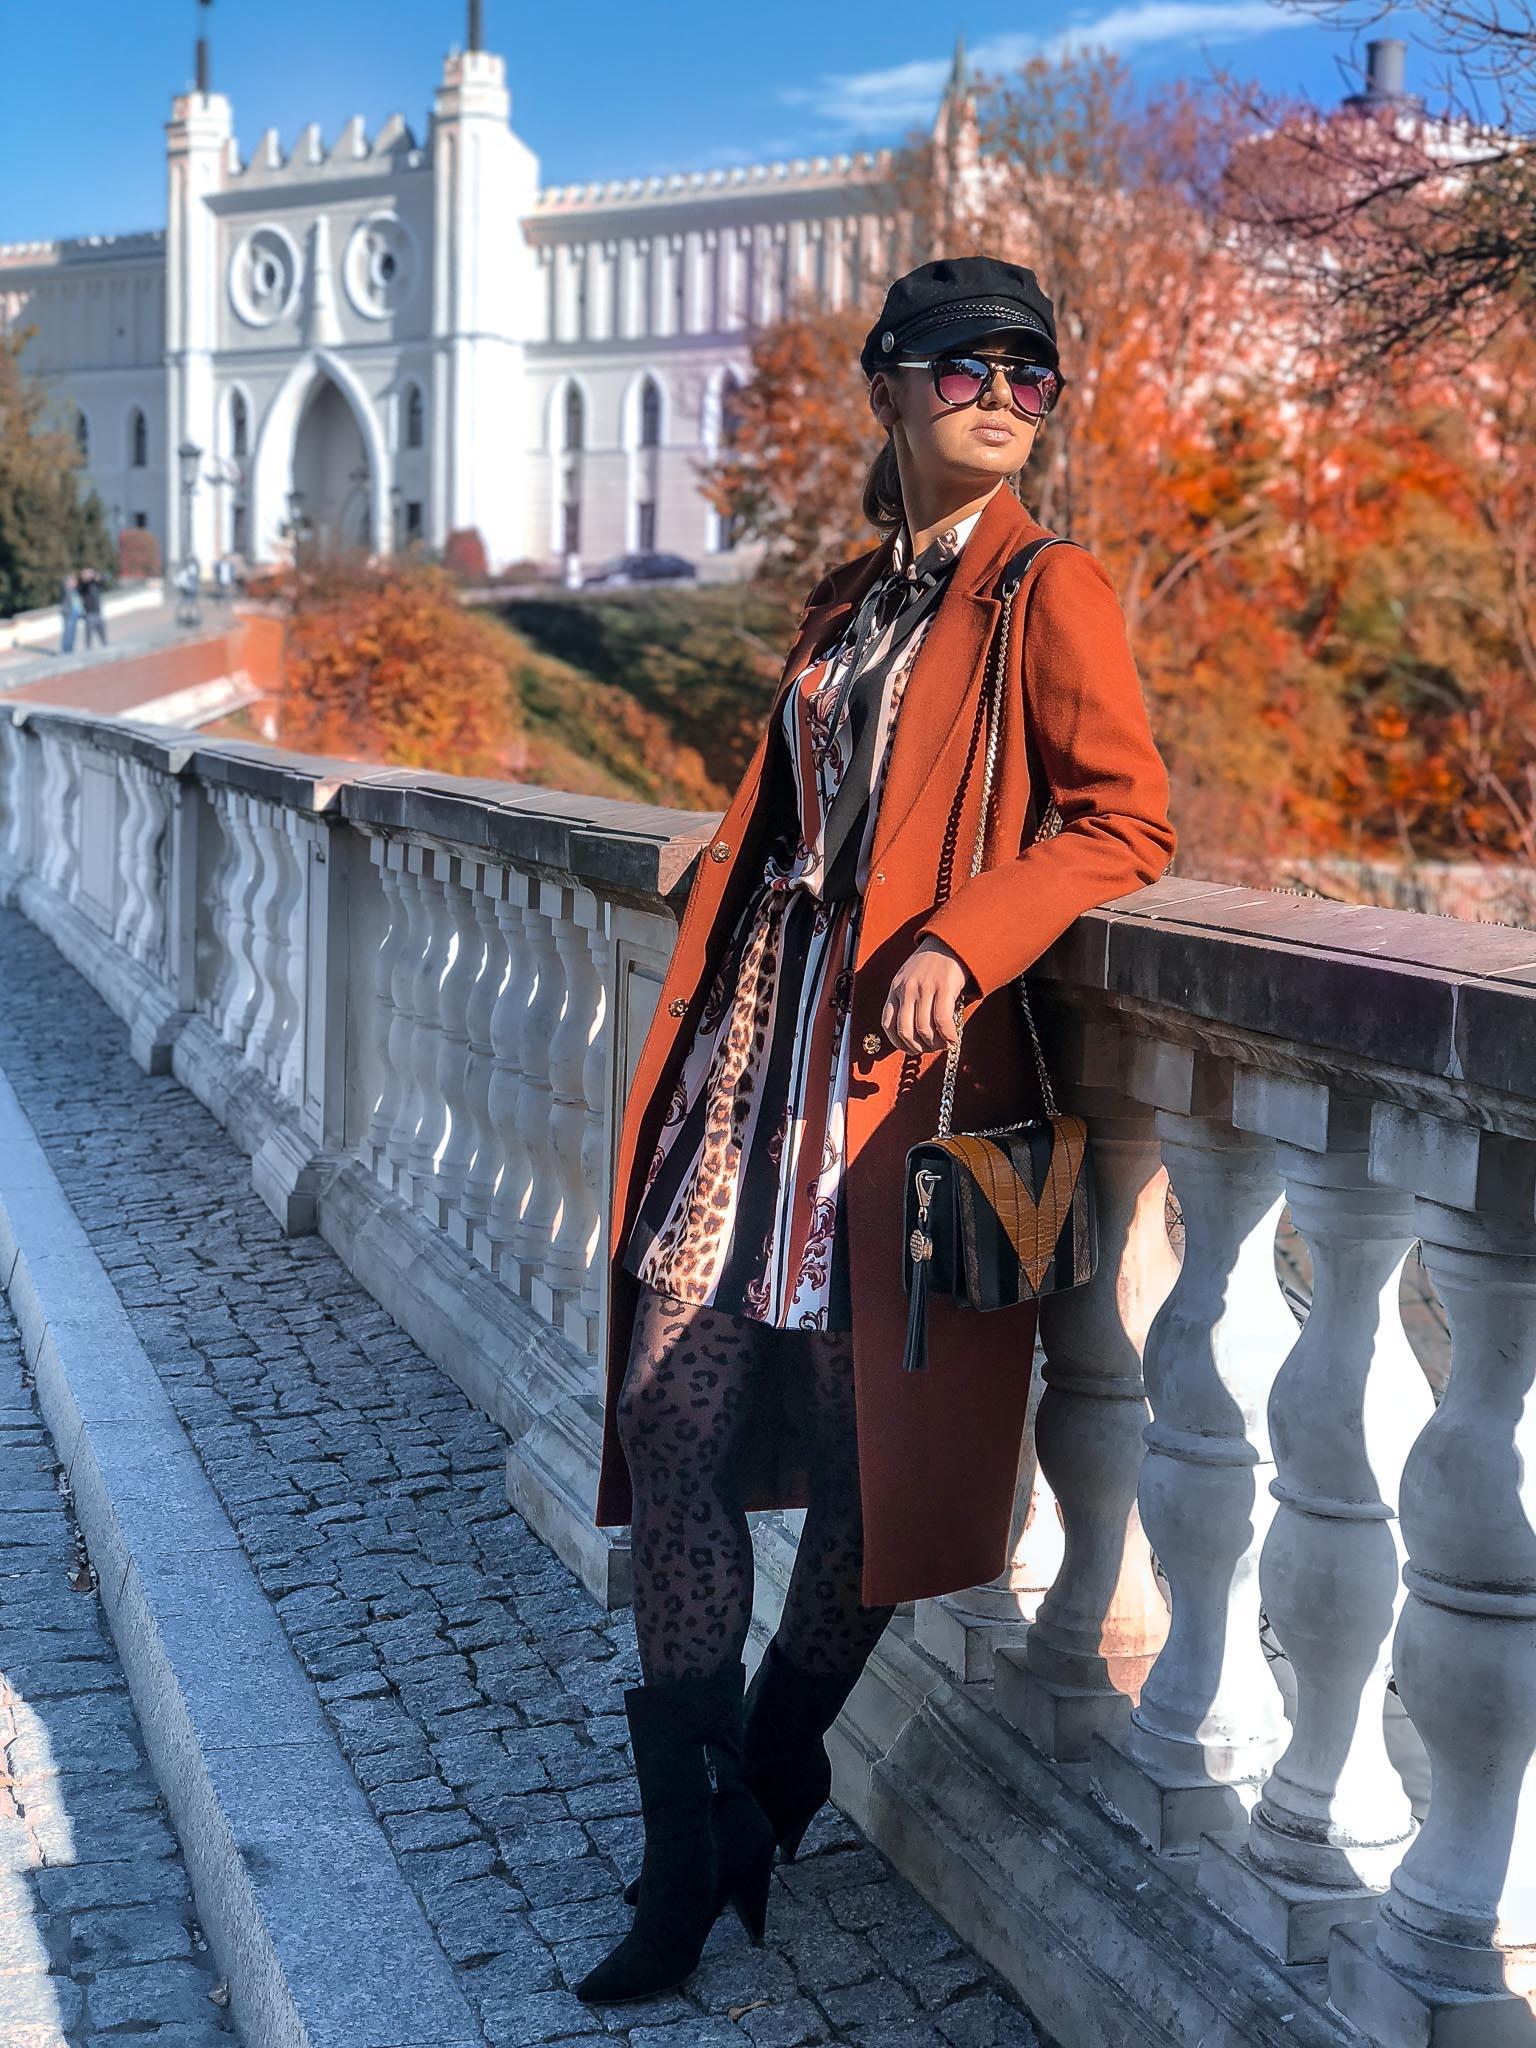 zamek lubelski, lublin, zamek, jesien, moda, trendy, stare miasto